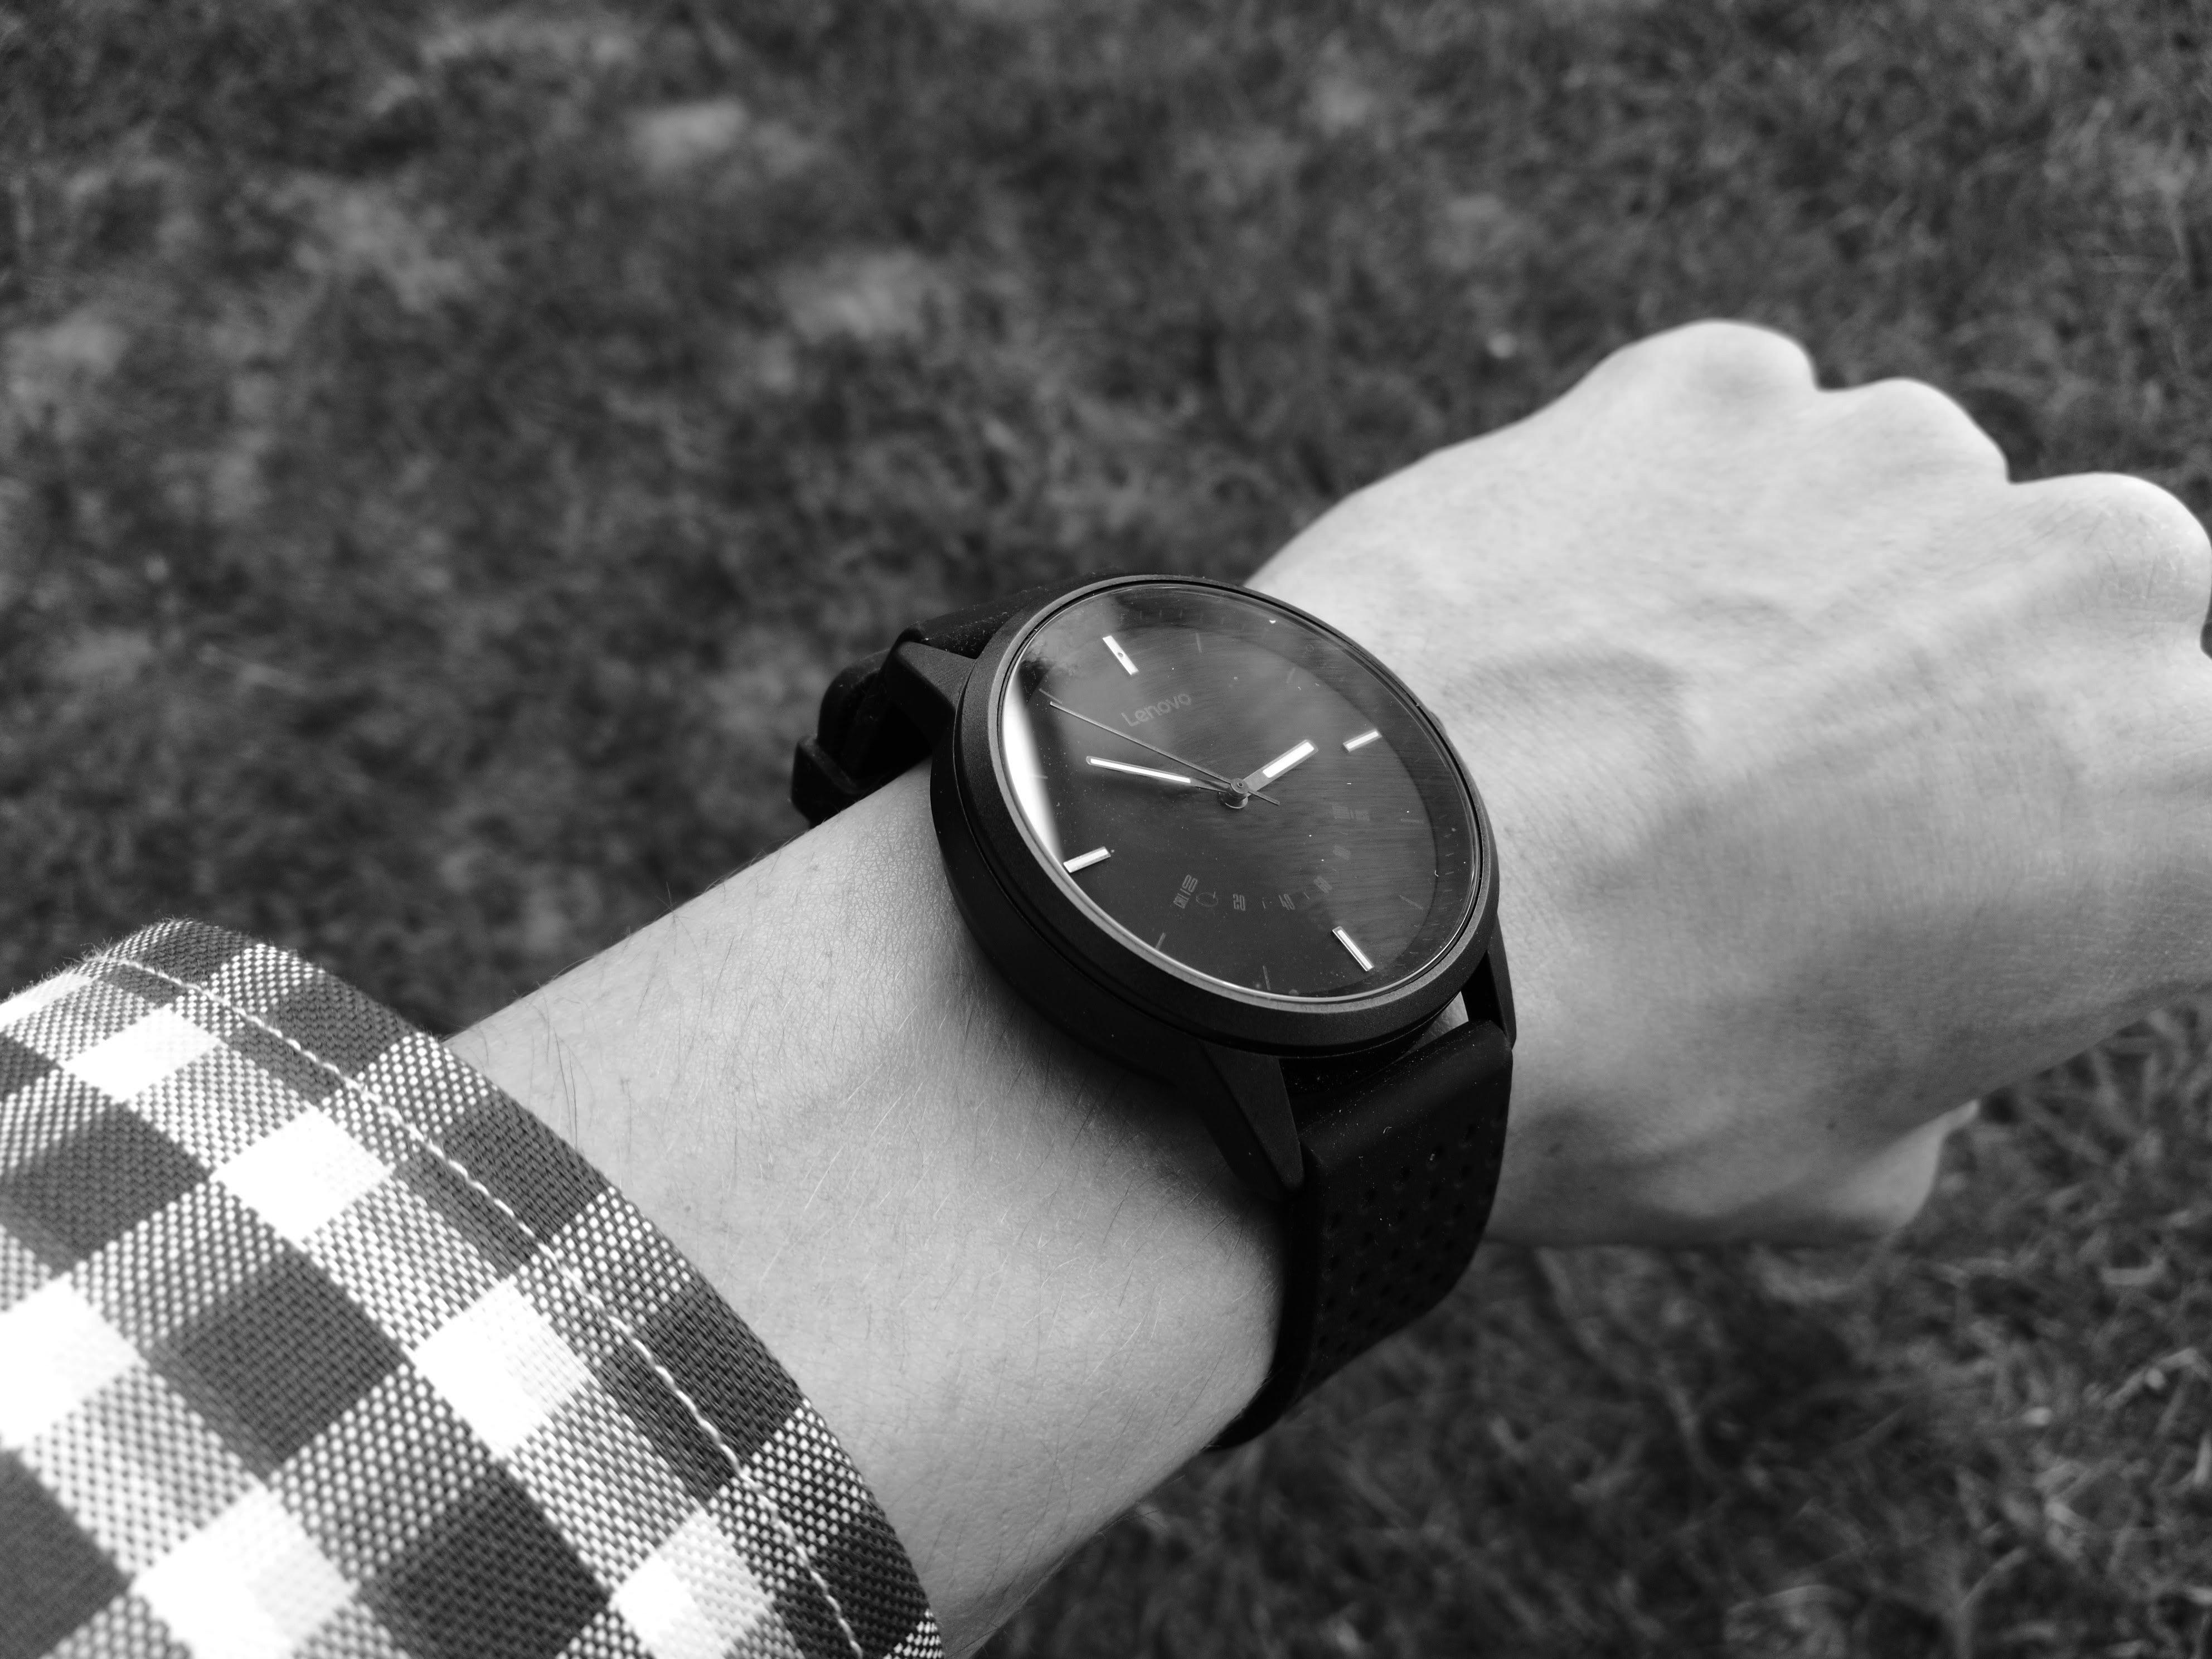 Tak tanio jeszcze nie było: Lenovo Watch 9 do wyrwania za niecałe 71 złotych! 22